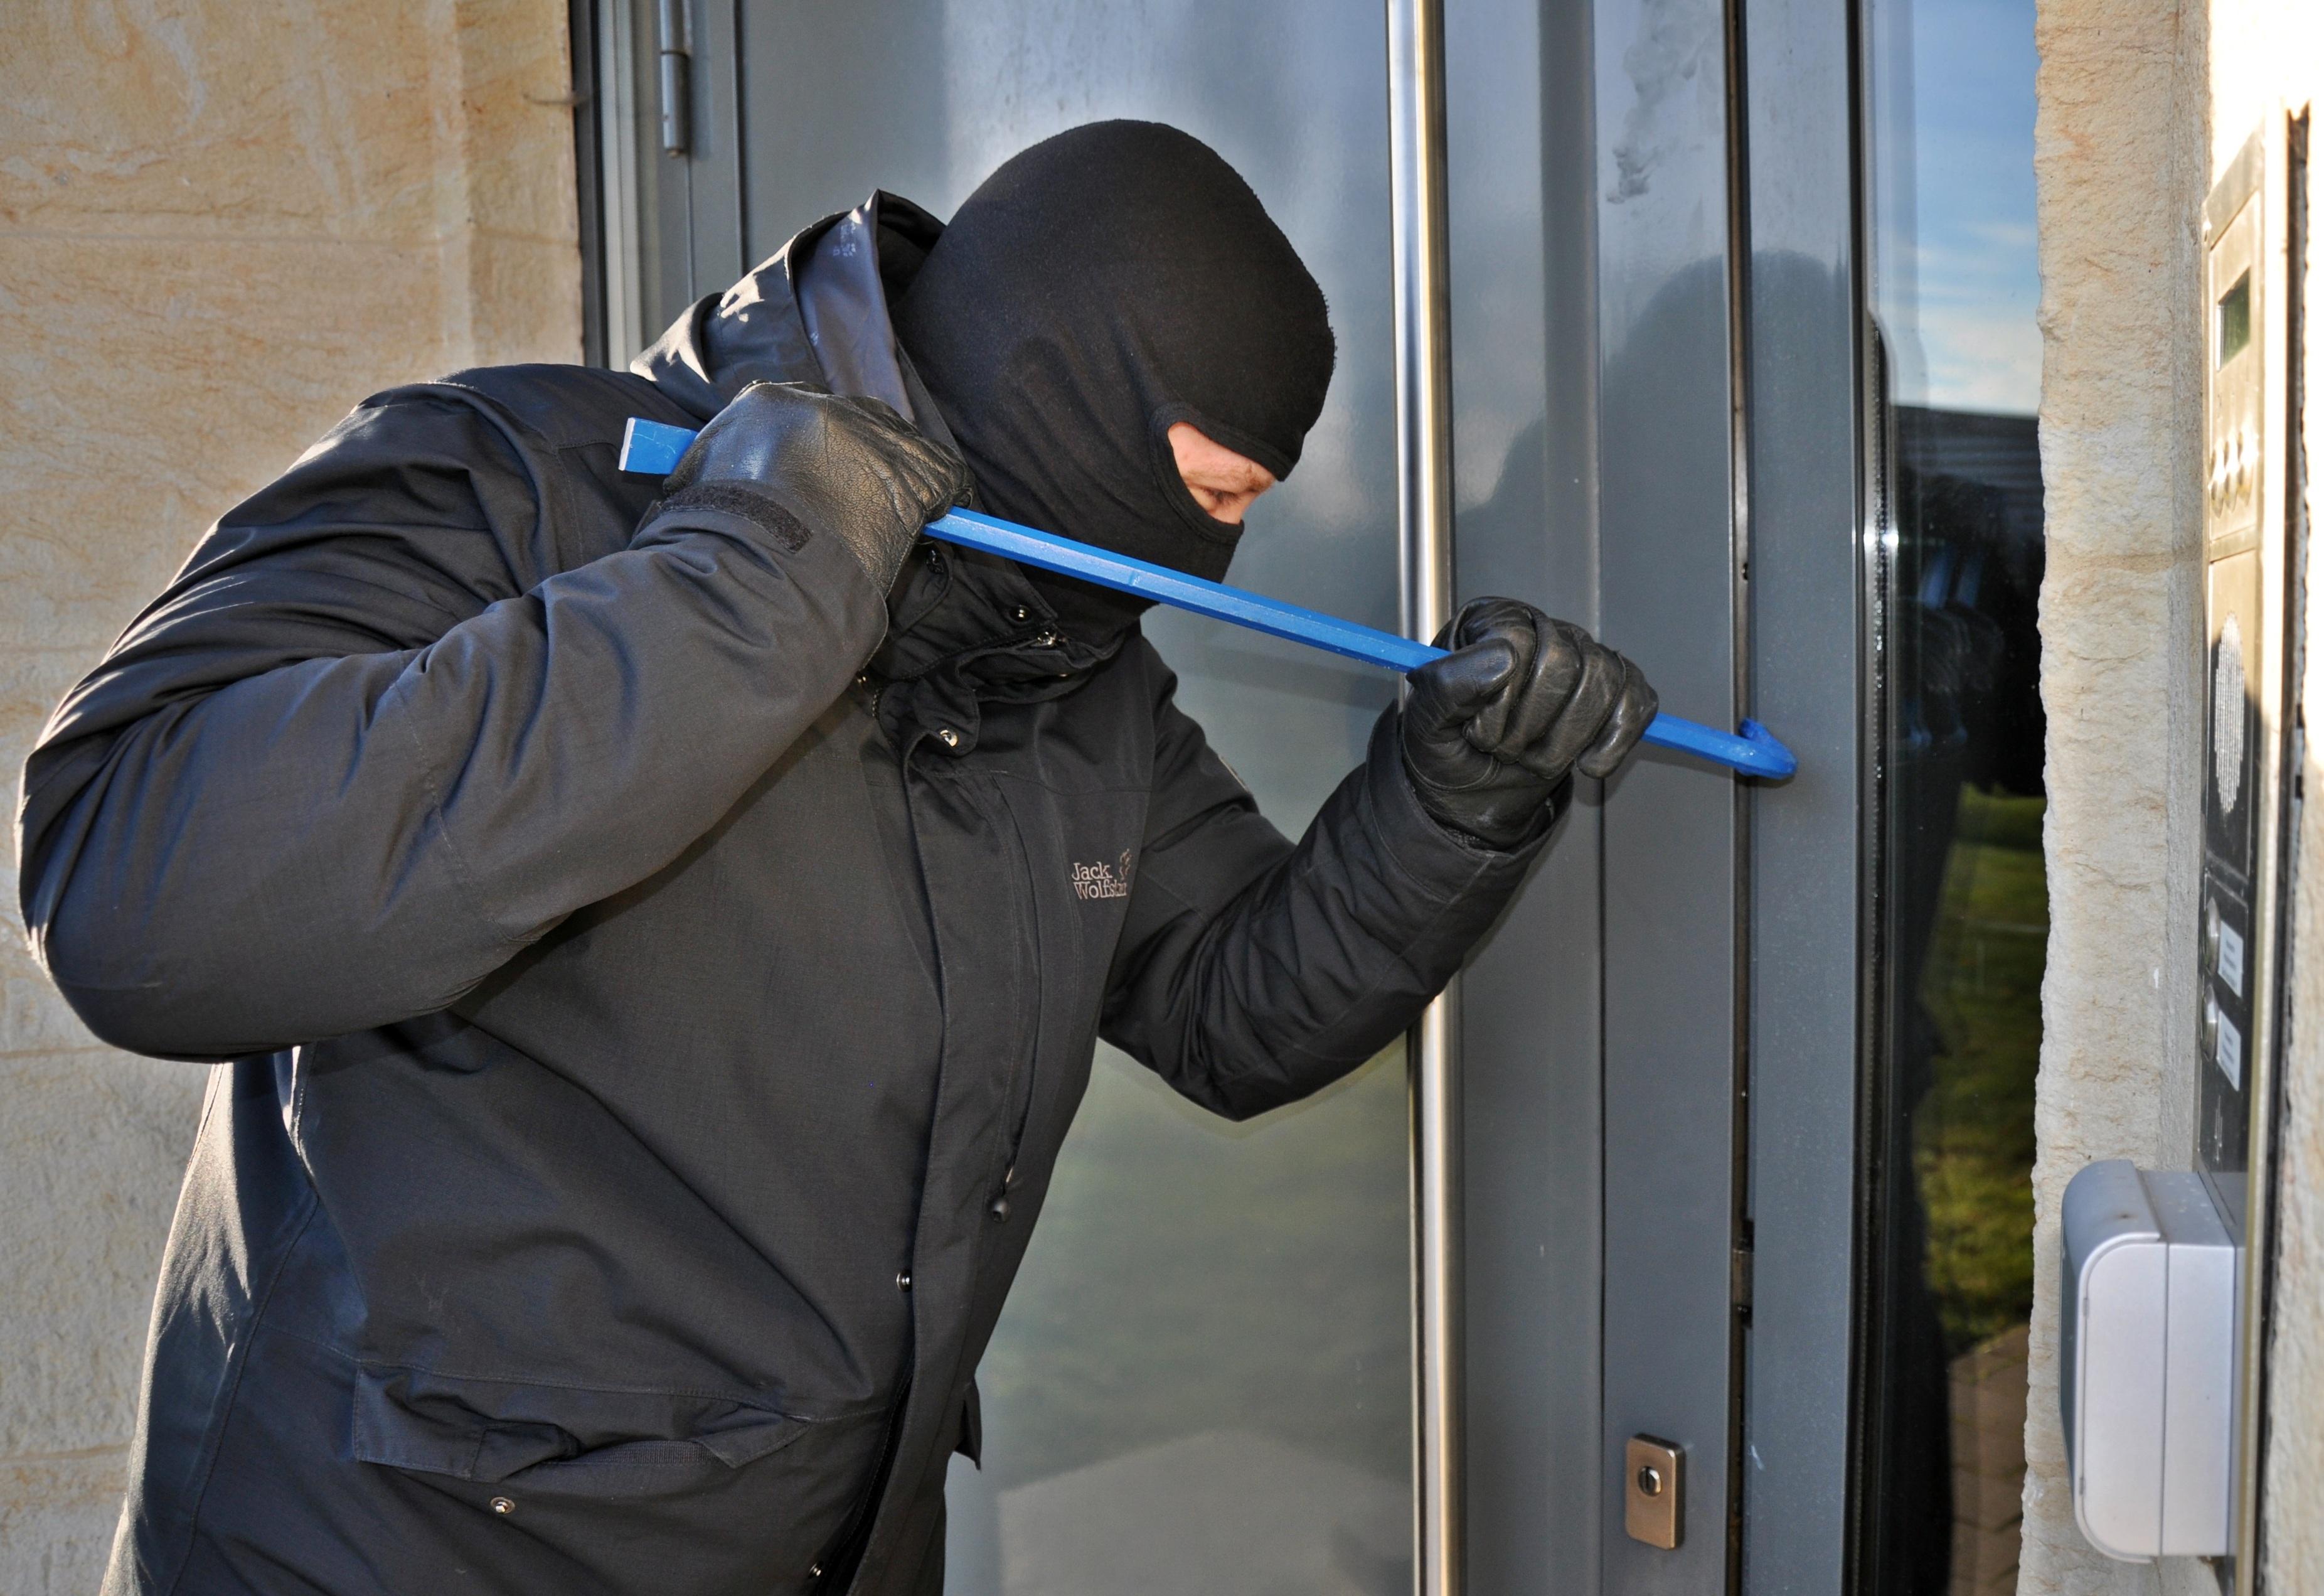 Thief criminal